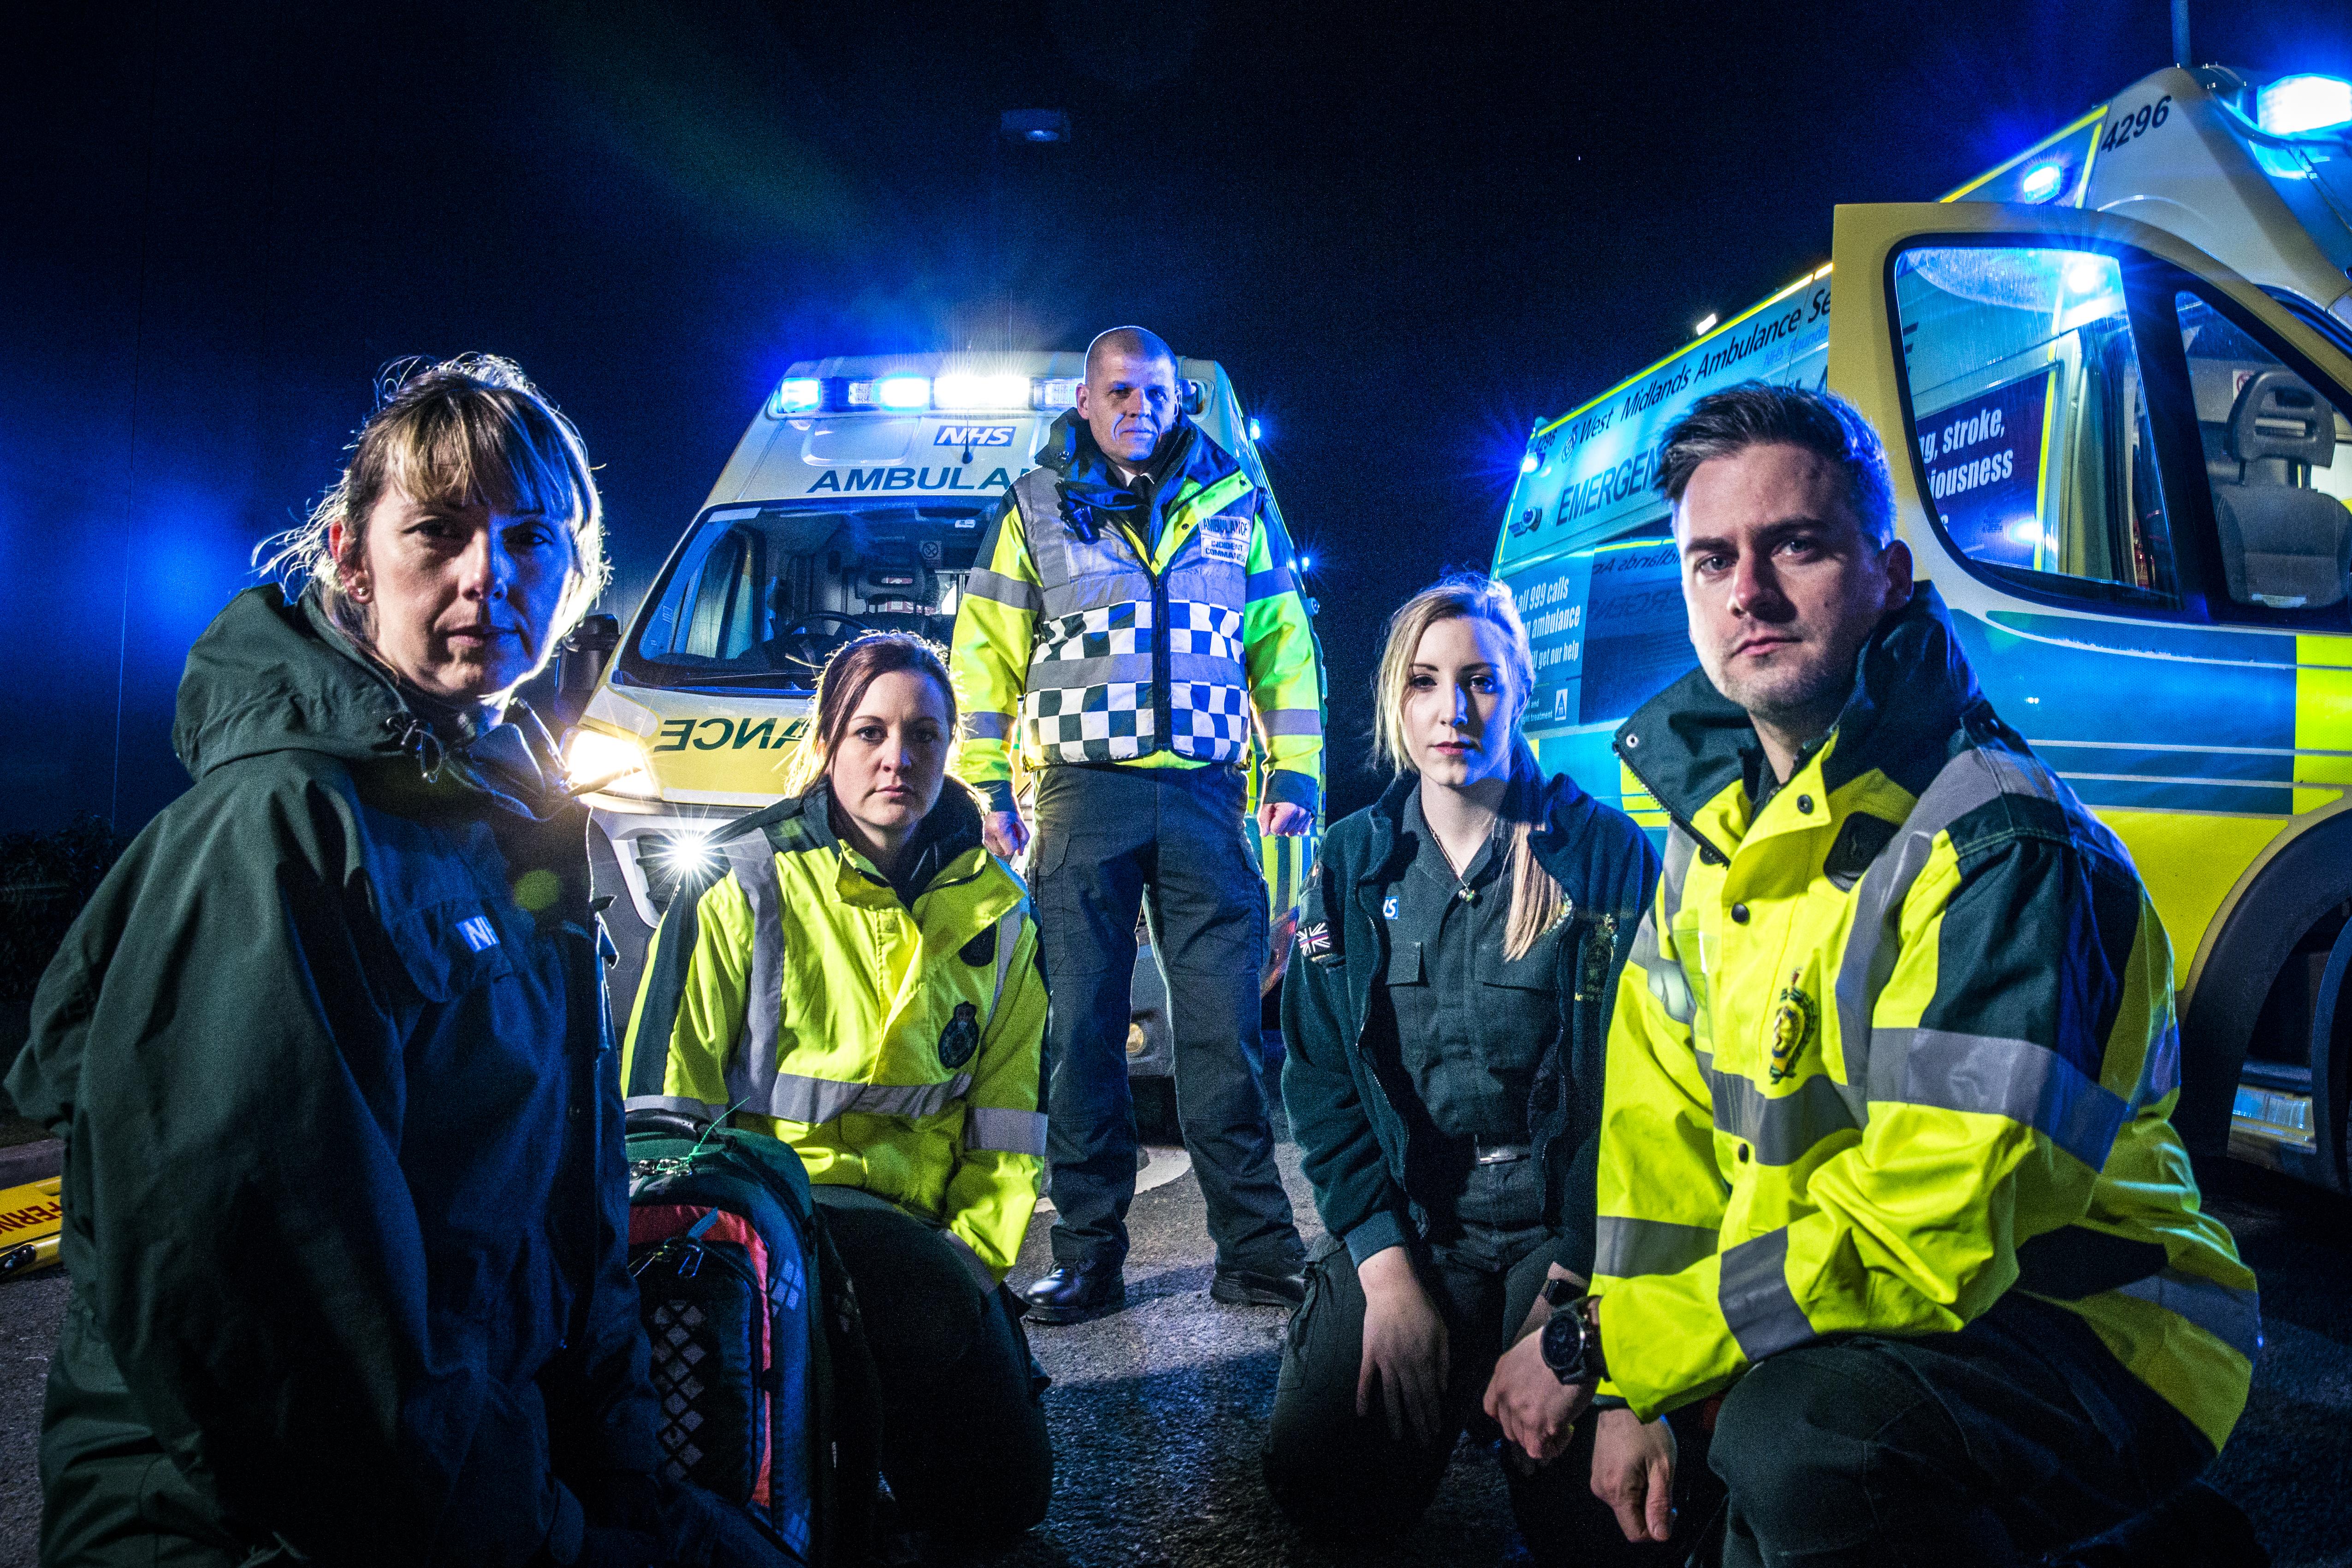 Ambulance BBC1